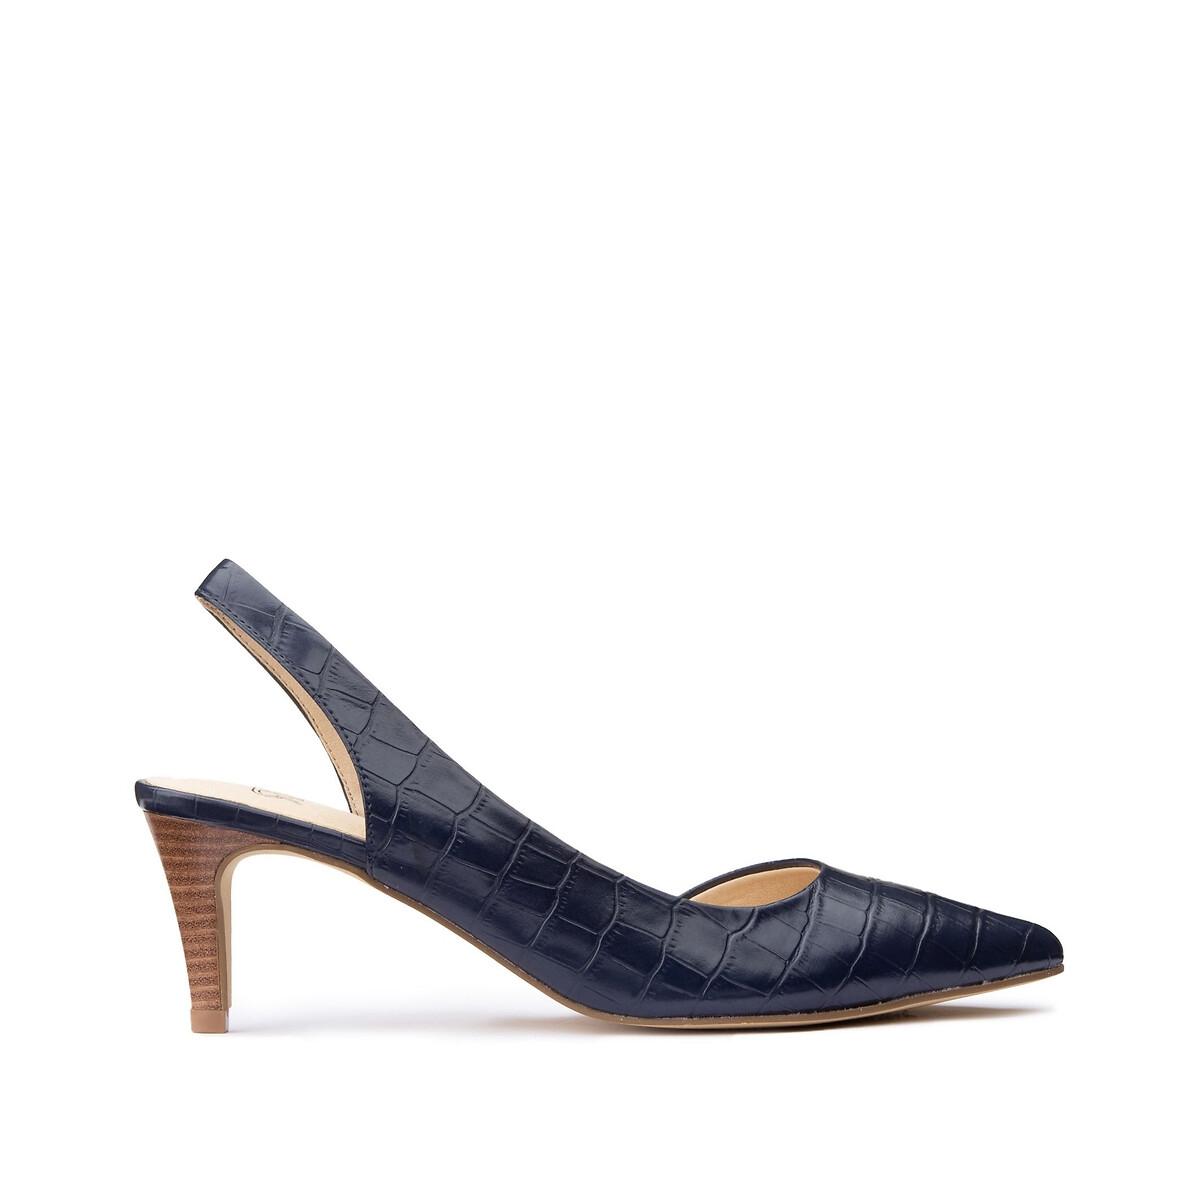 Туфли LaRedoute Под кожу крокодила на каблуке 40 синий